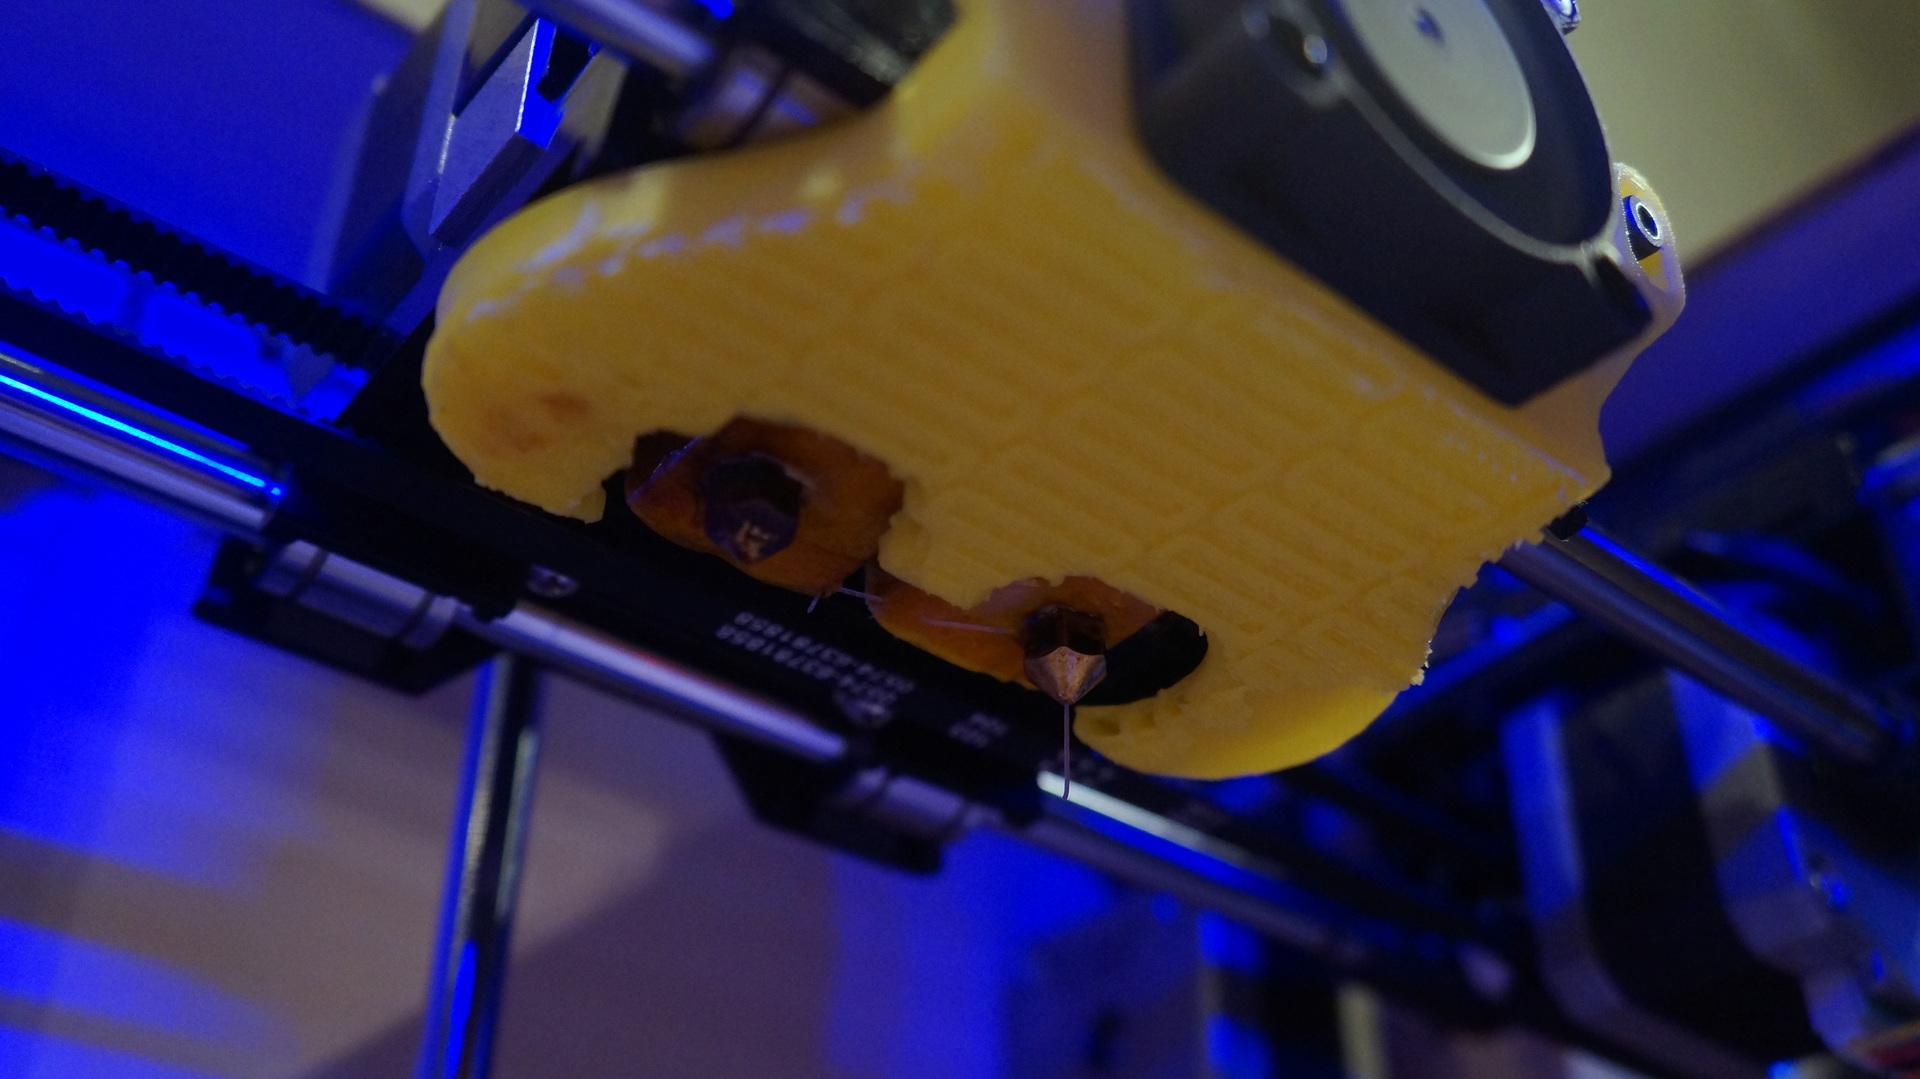 3д принтер Wanhao Duplicator 4 или как сэкономить на MakerBot Replicator